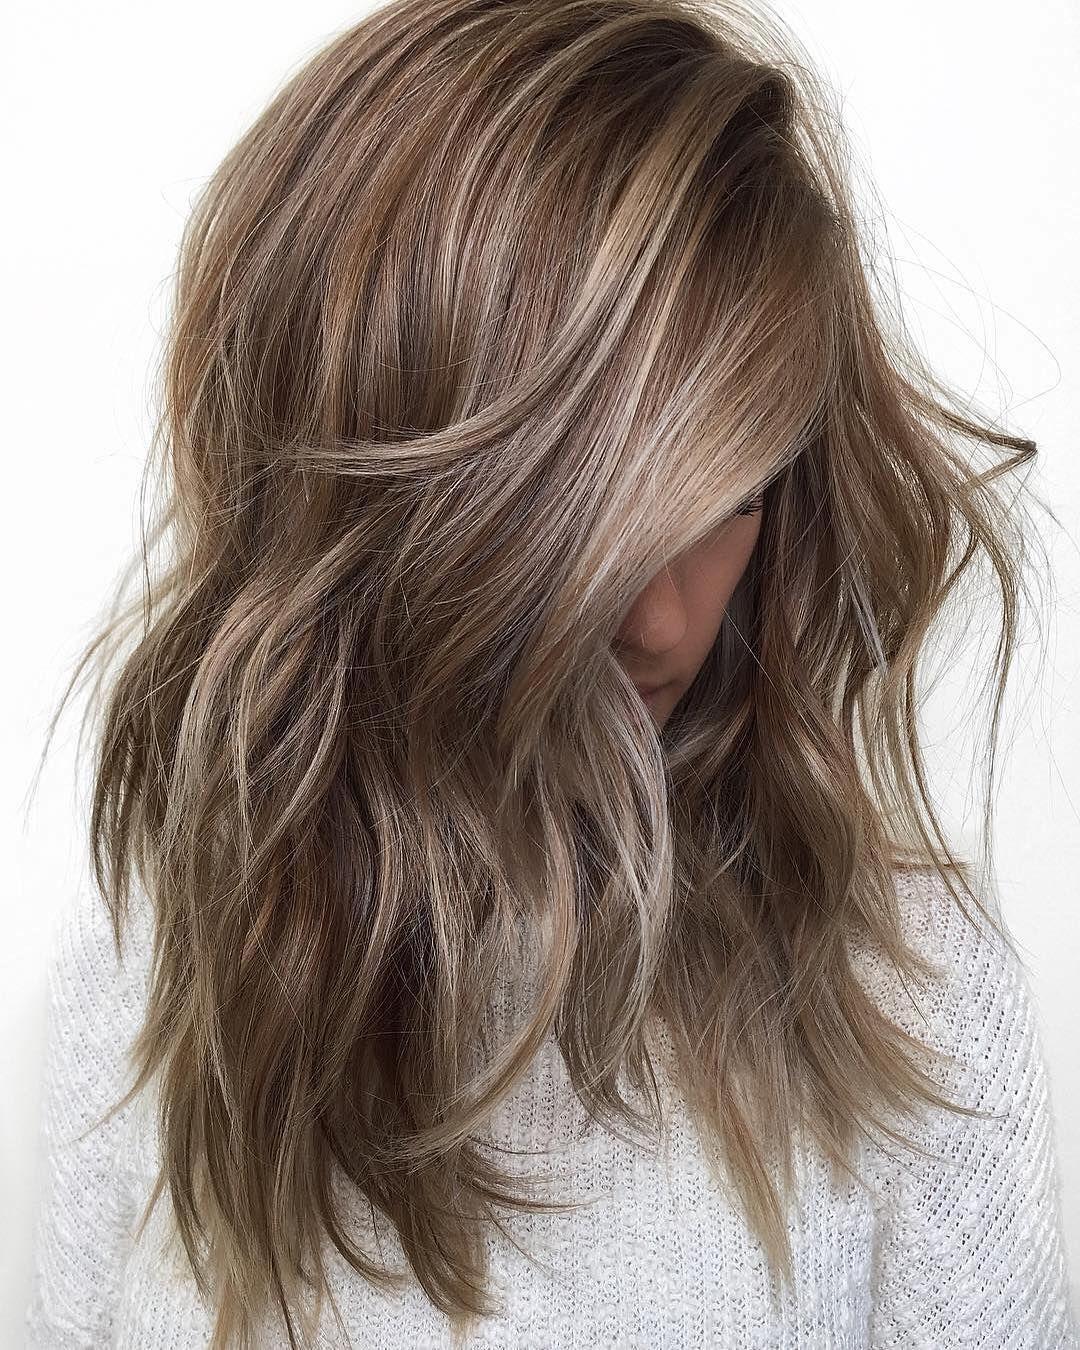 Frisuren für Damen - Frisuren Stil Haar - kurze und lange Frisuren